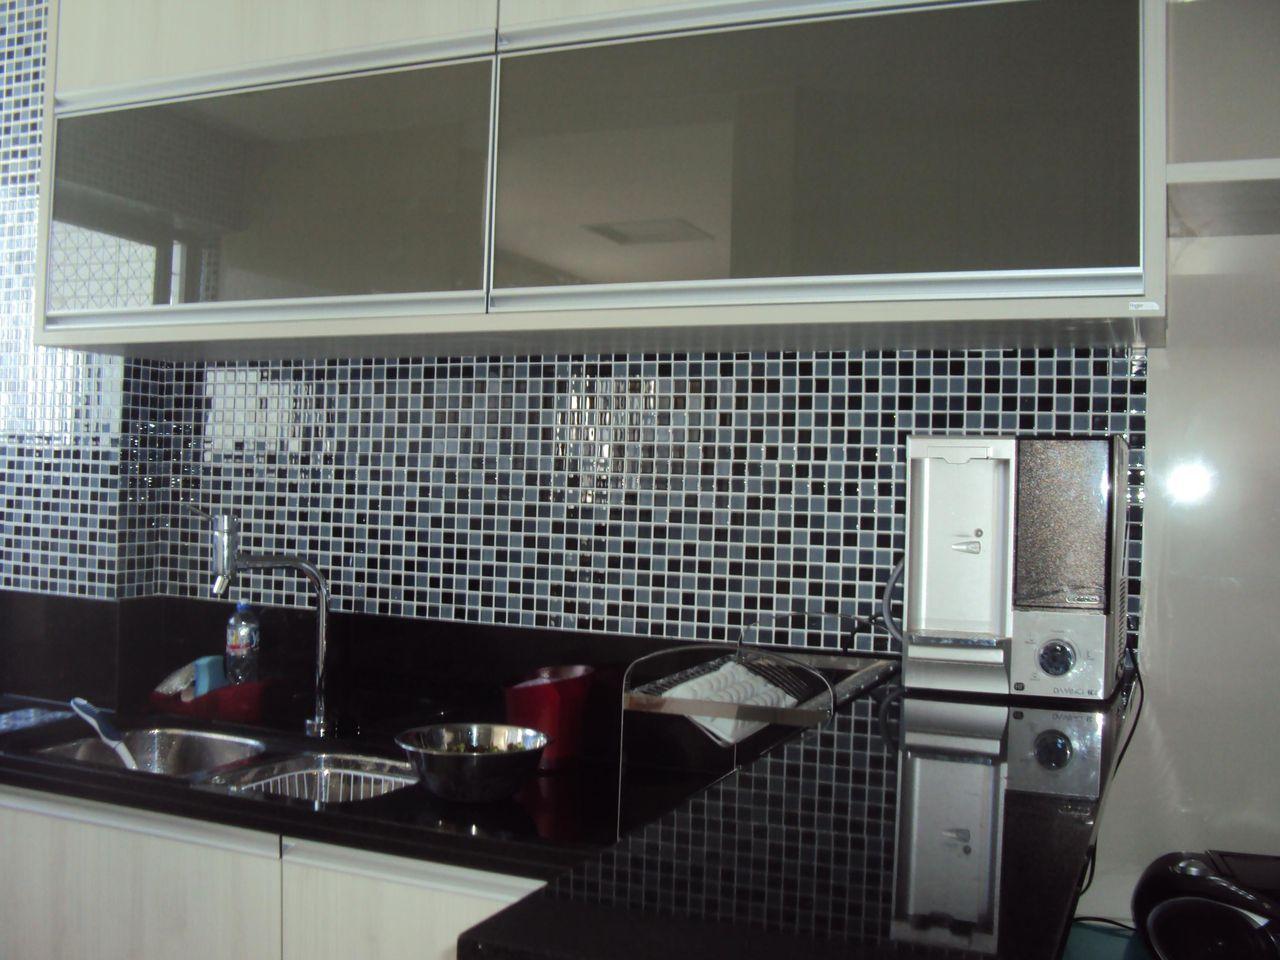 Cozinha Com Pastilhas De Claudia Rejene De Araujo Carneir 59665  ~ Pastilha Cozinha Americana